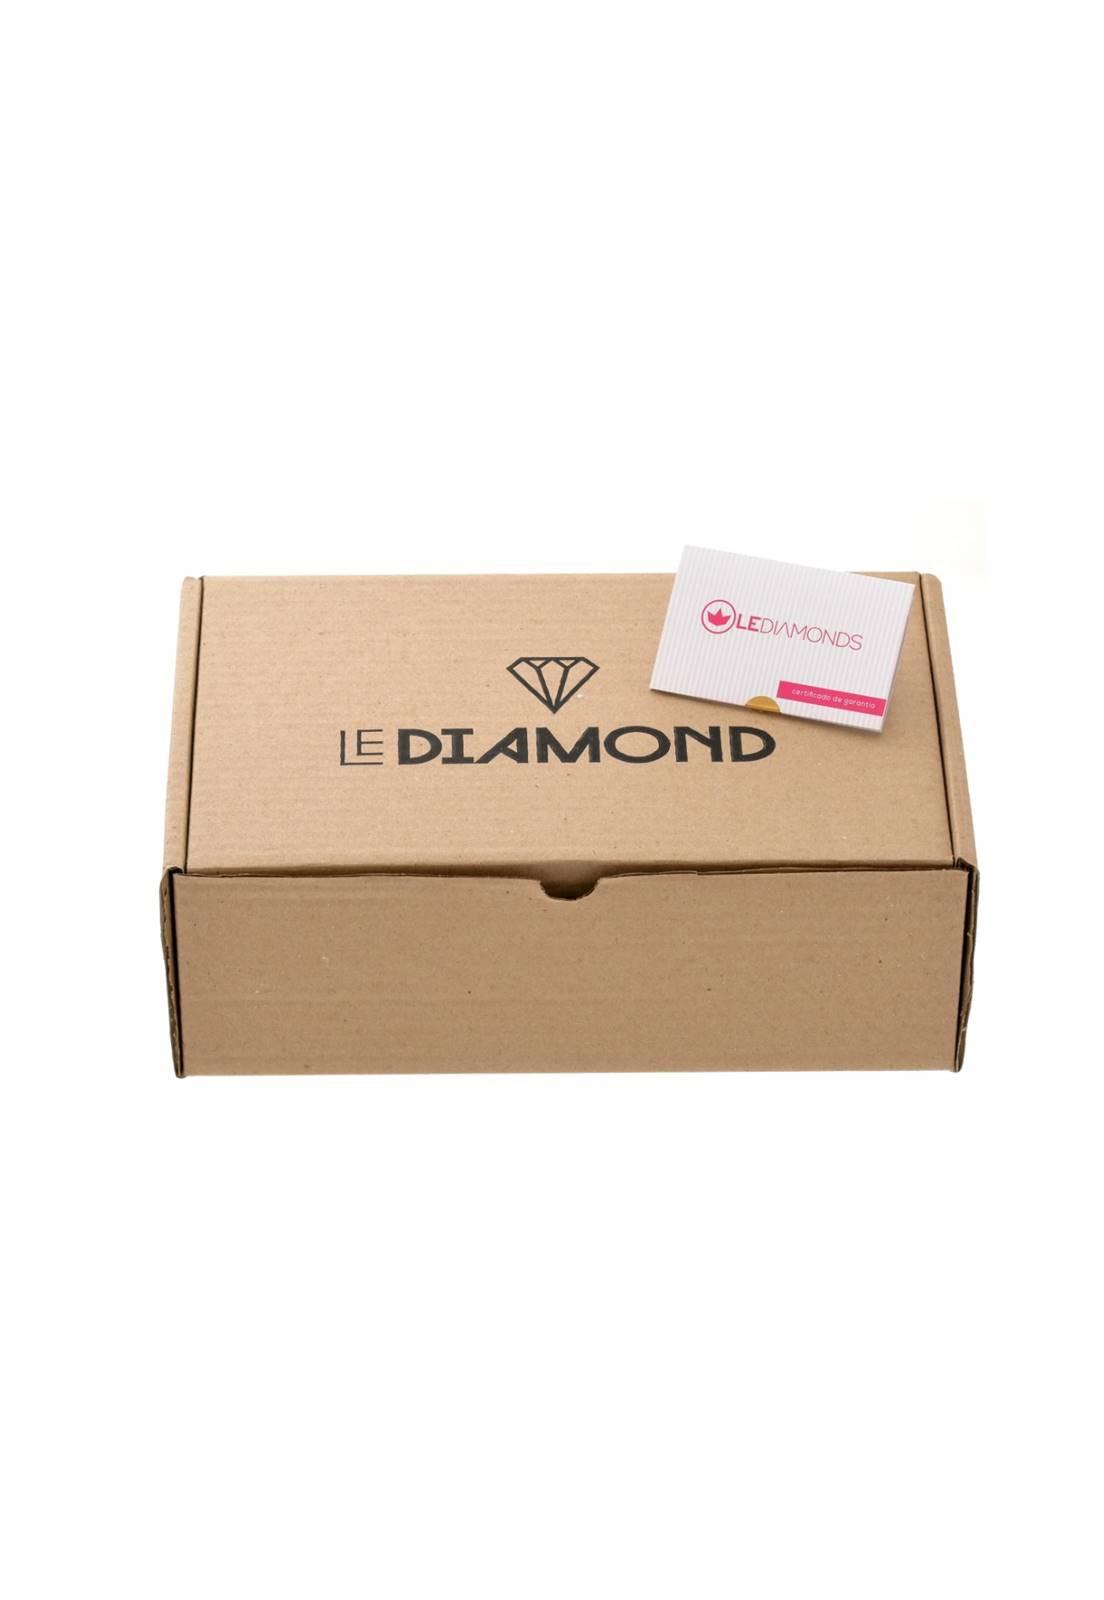 Brinco Le Diamond Triangulo Dourado